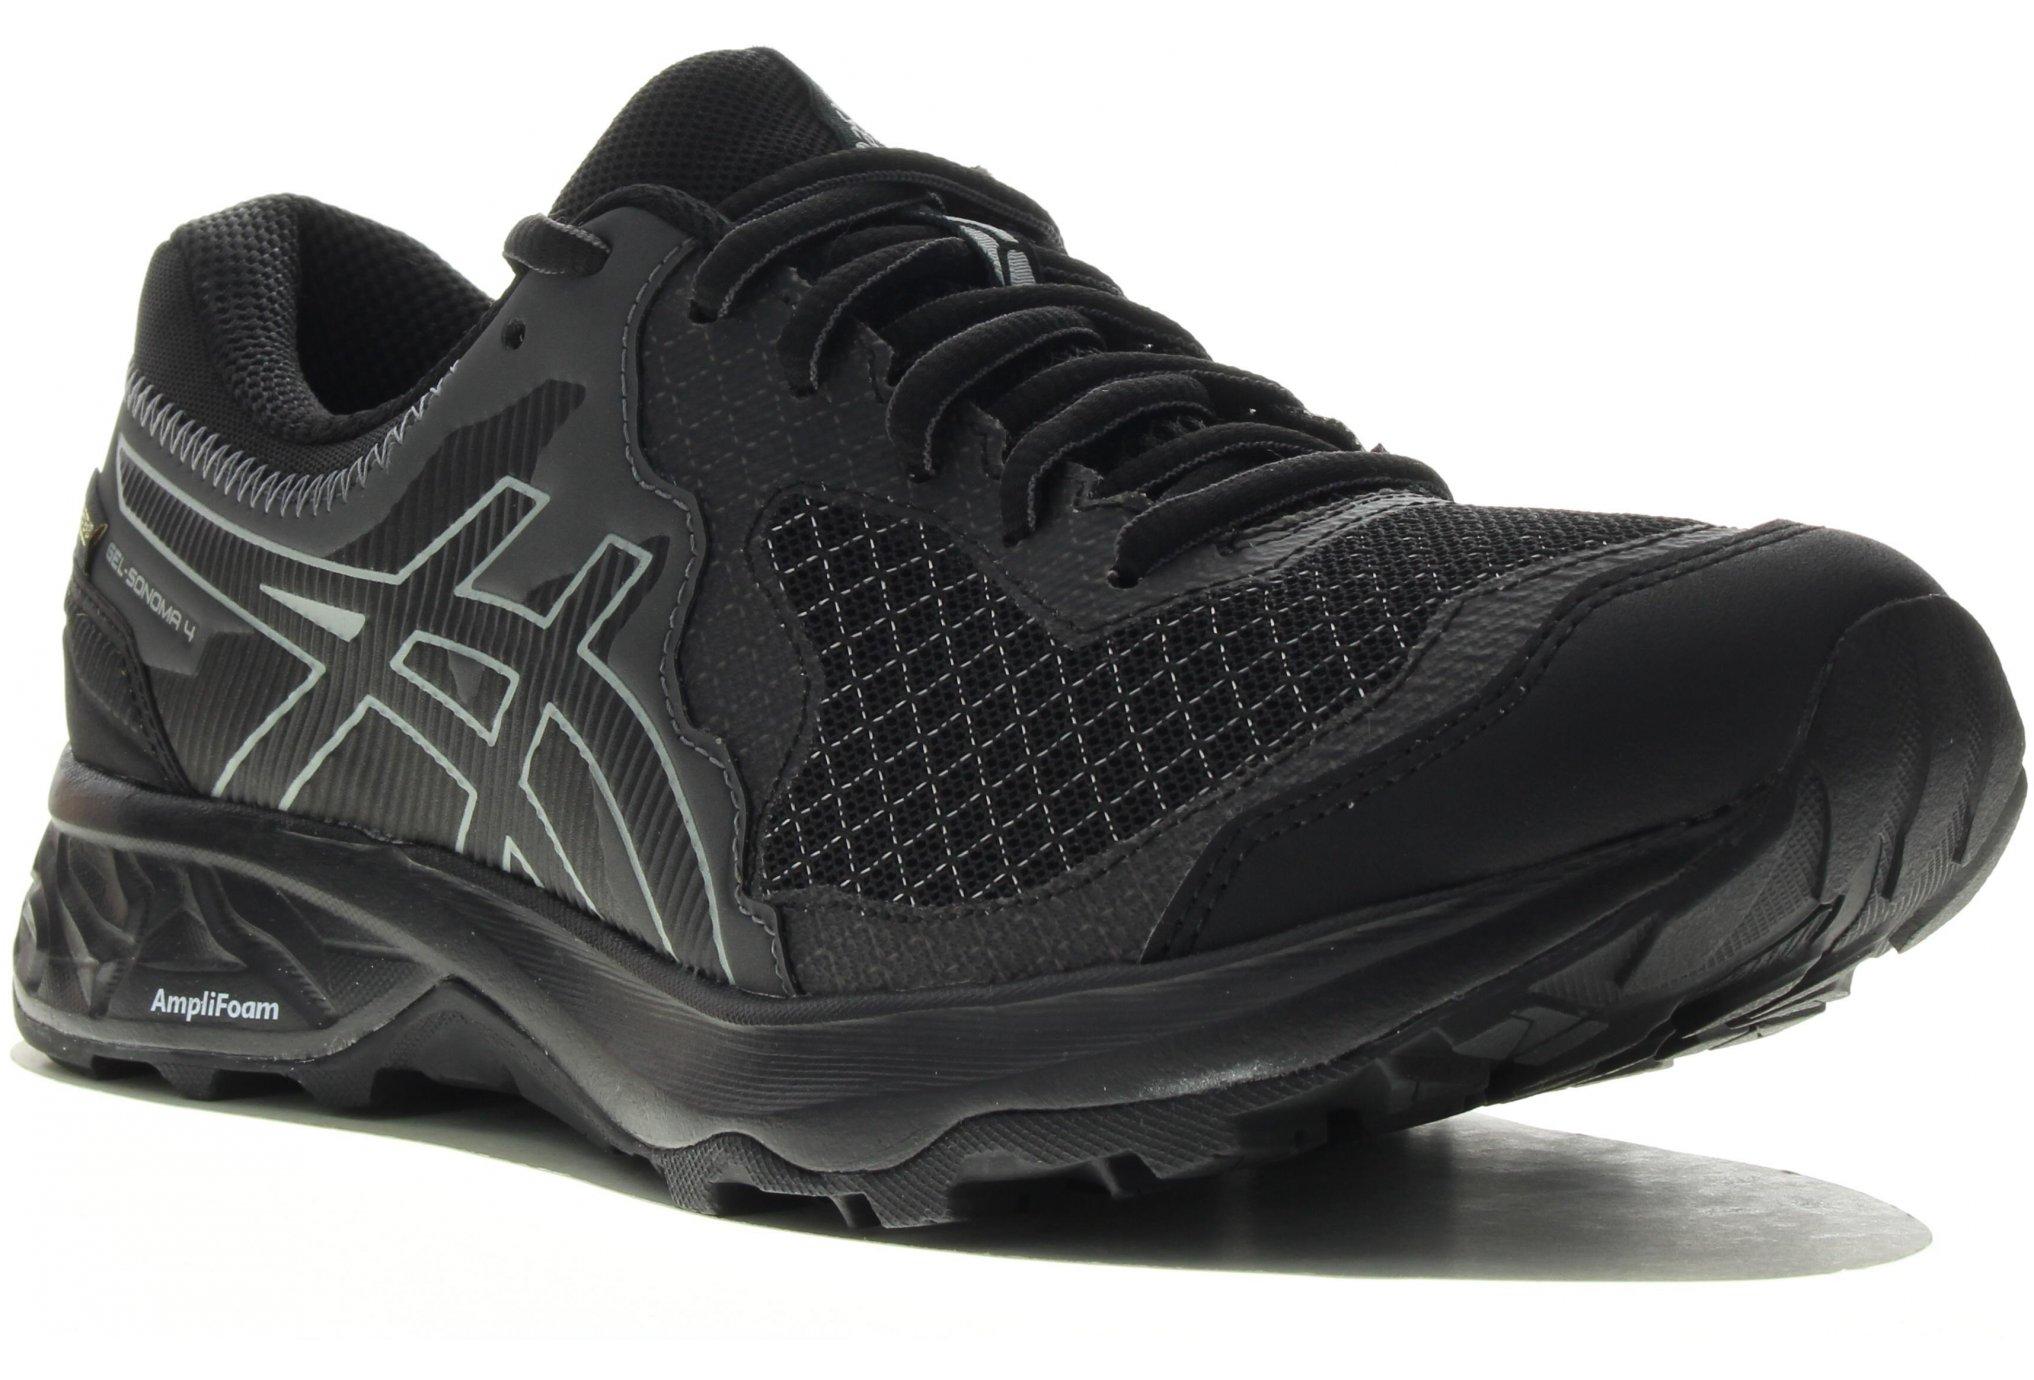 Asics Gel-Sonoma 4 Gore-Tex W Chaussures running femme